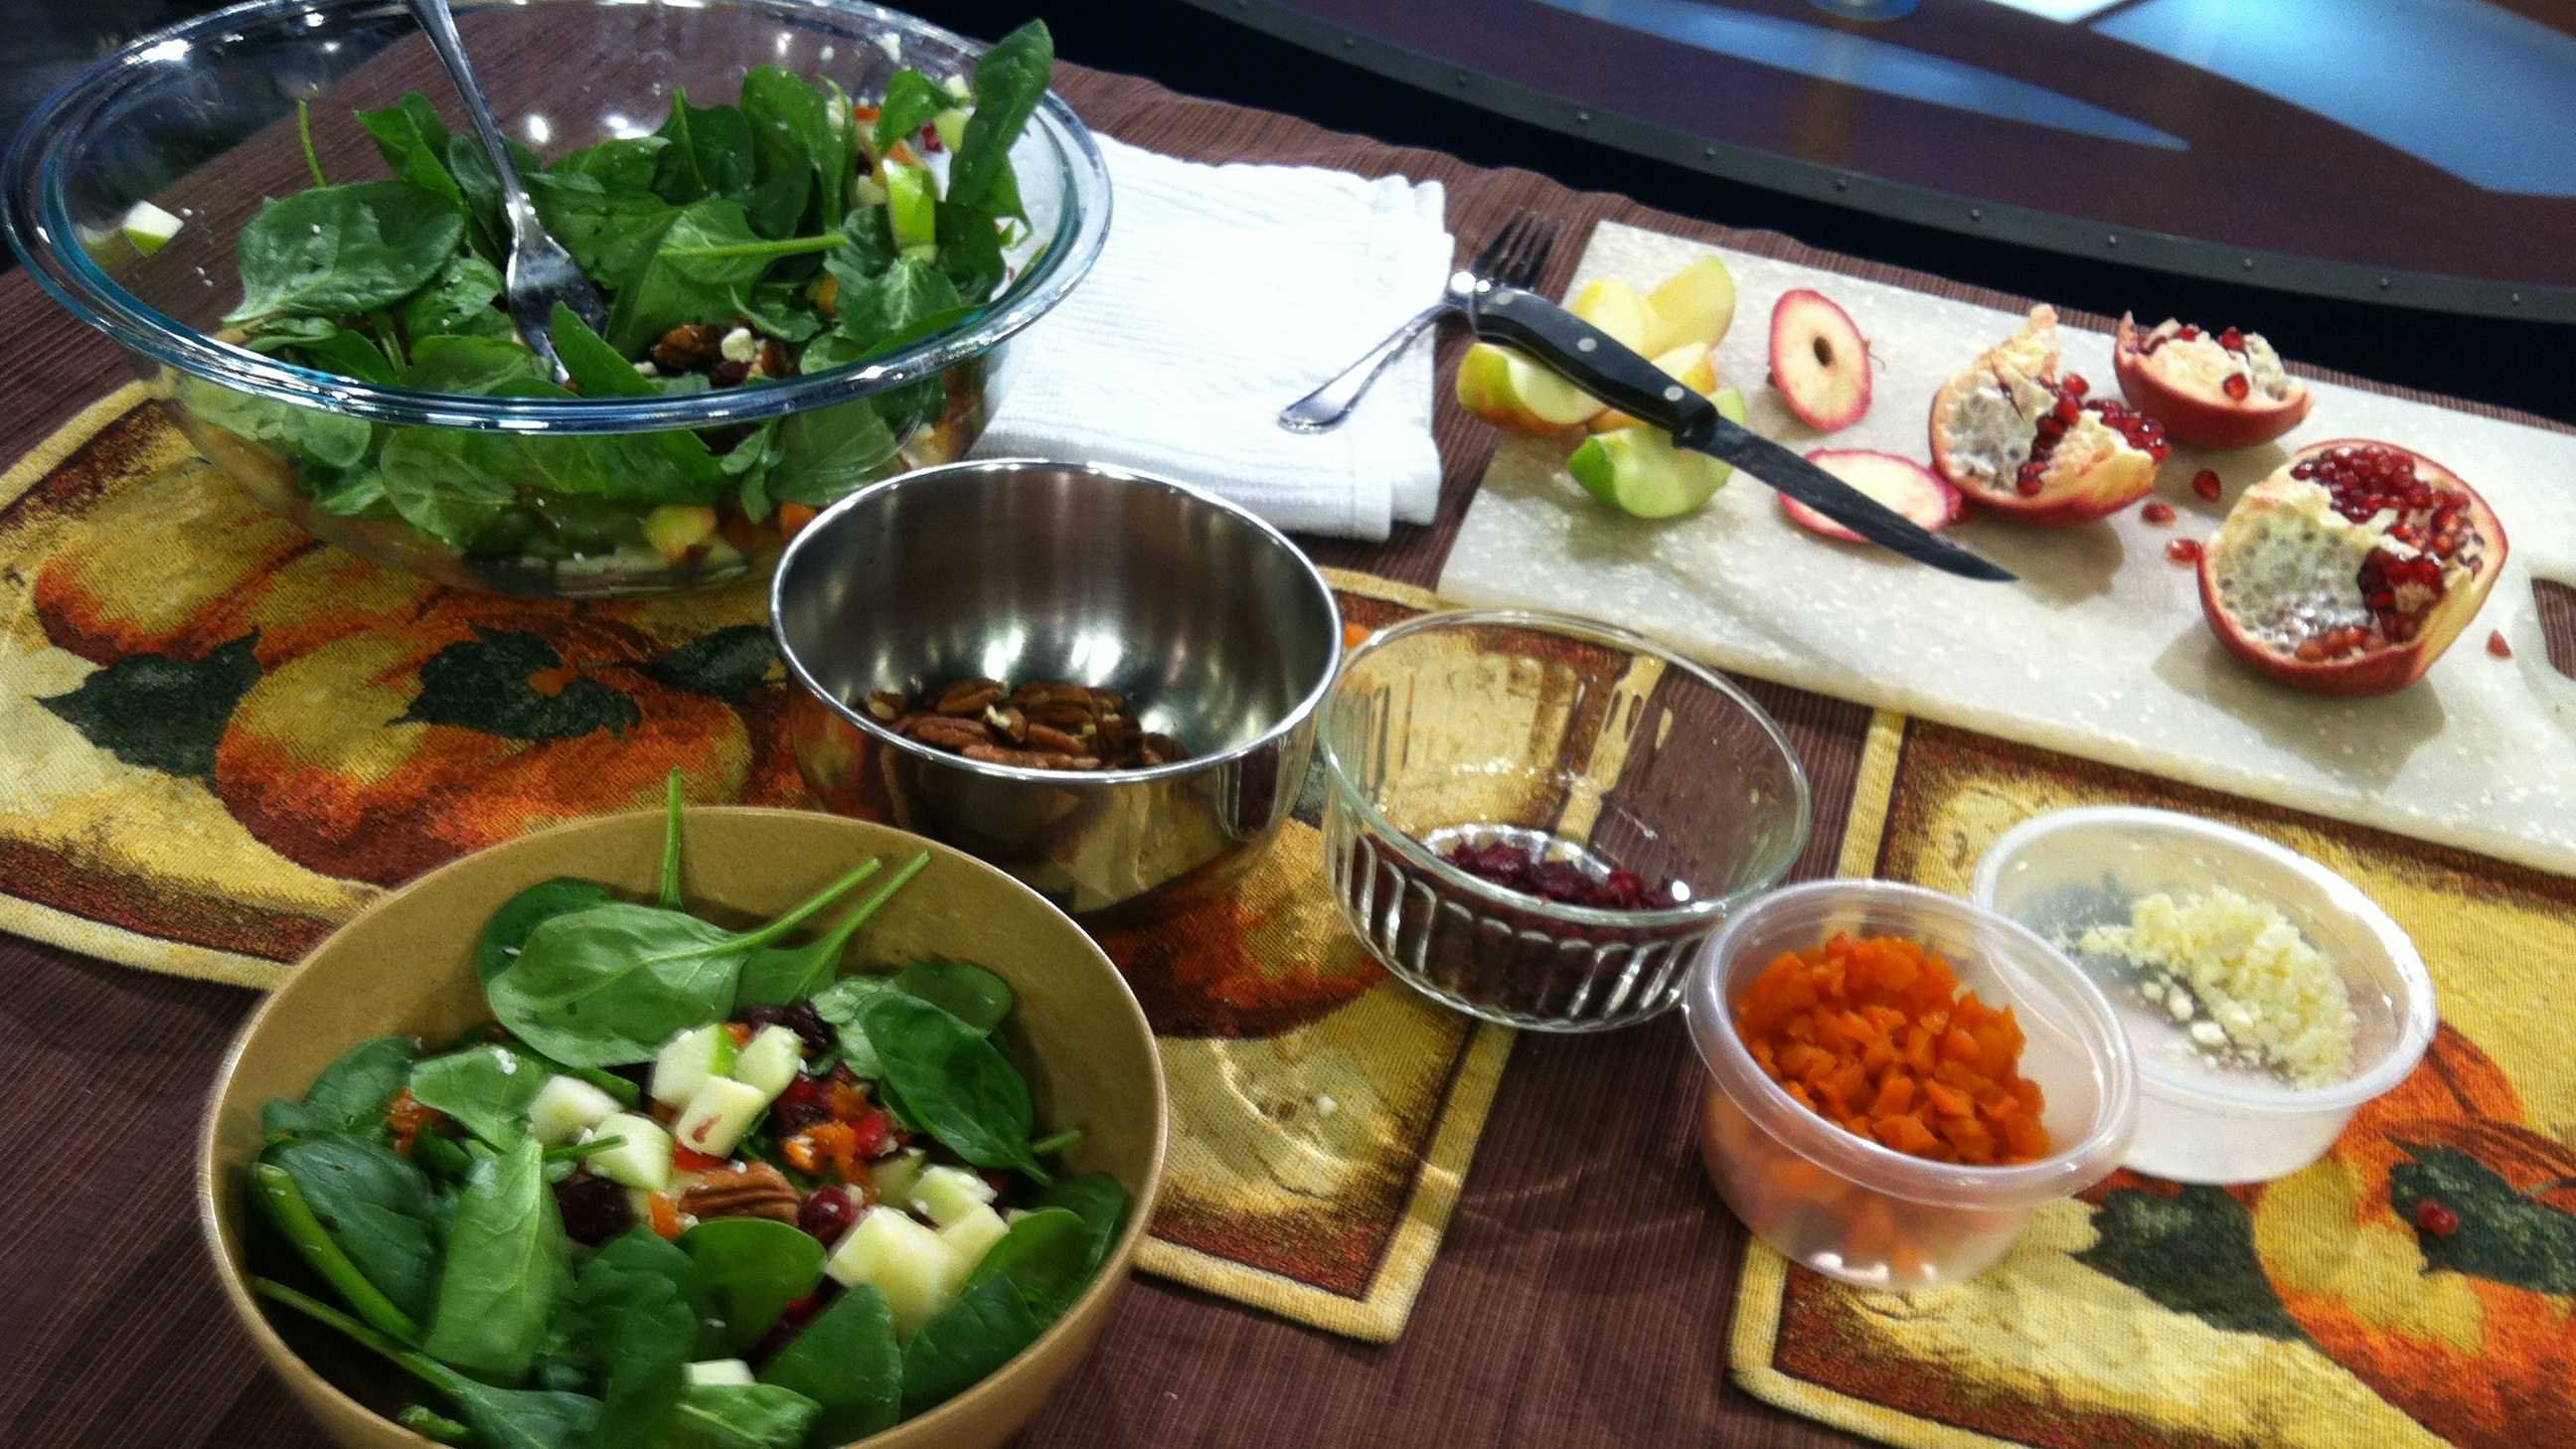 Ava's holiday salad